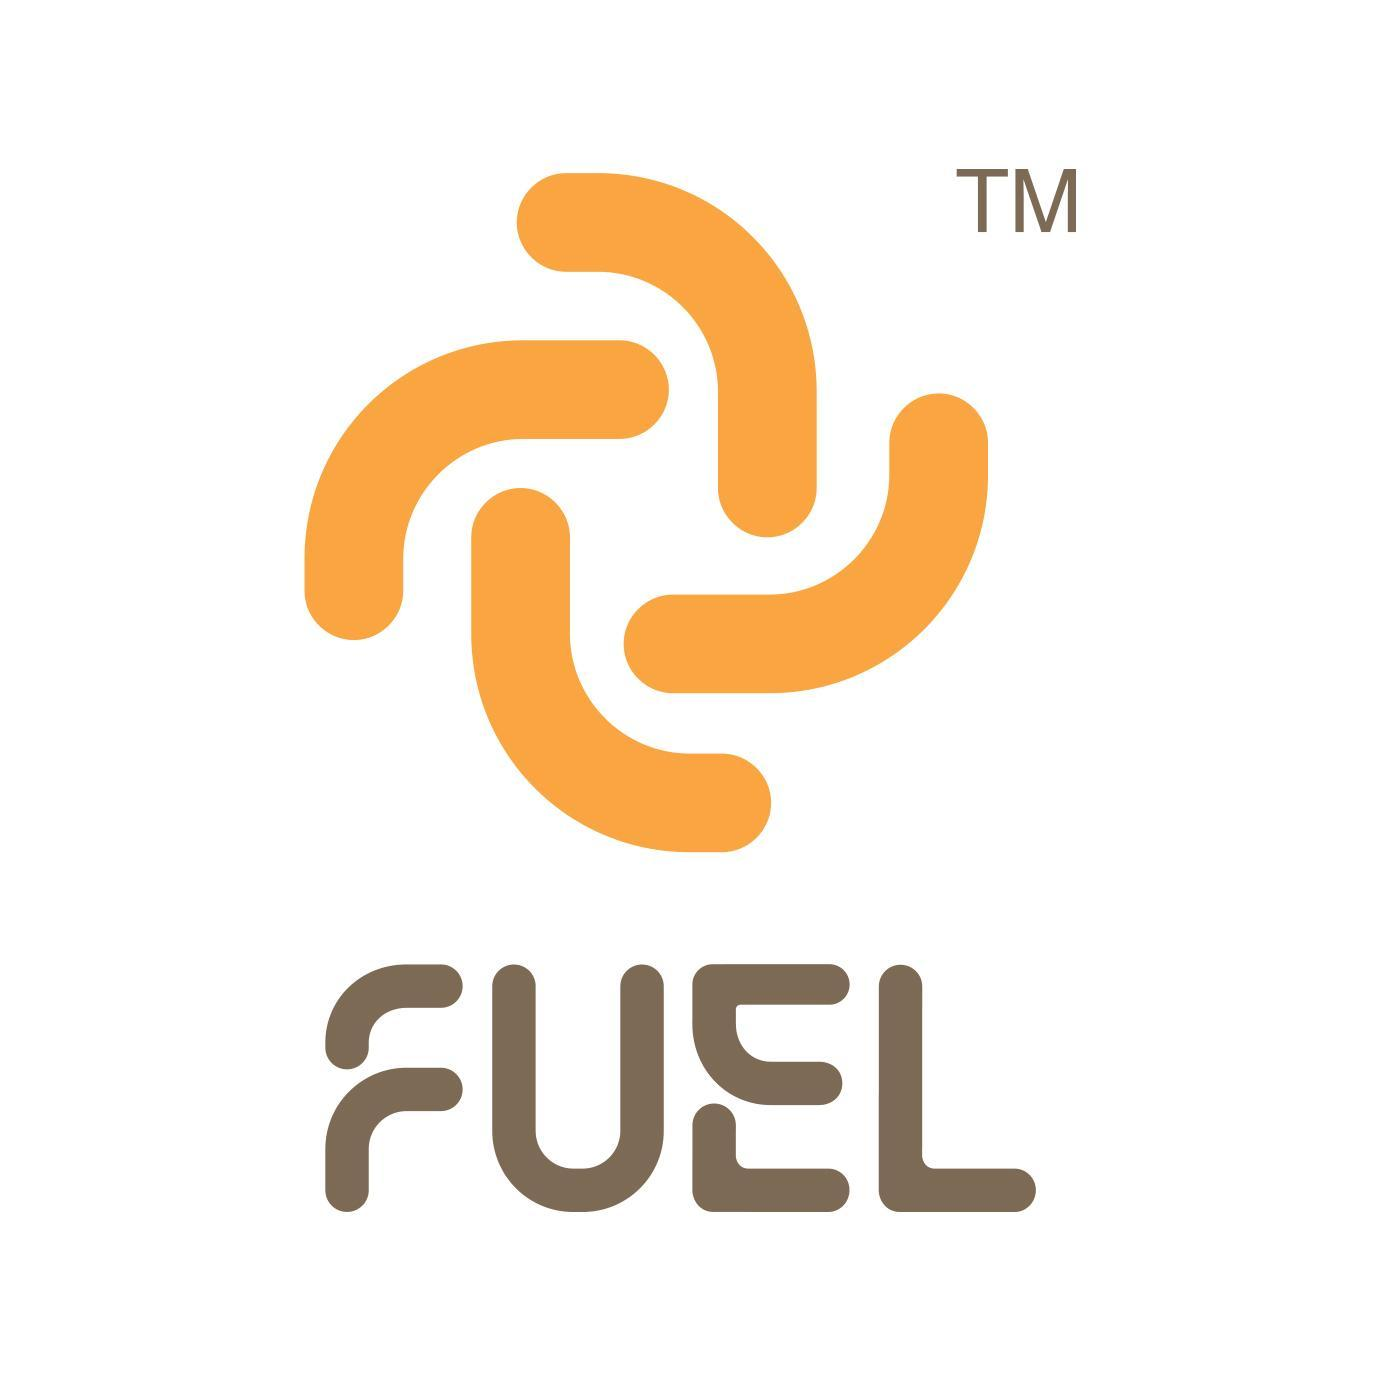 fuel lgo